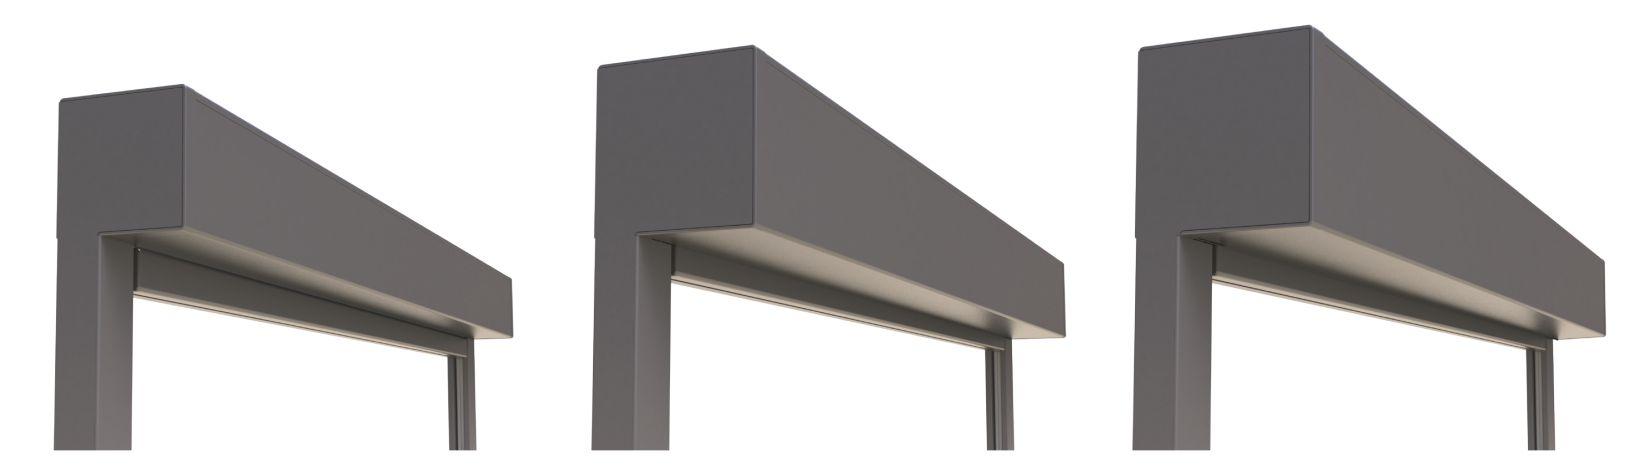 zip screen onlineshop f r fenster und fassadenmarkisen. Black Bedroom Furniture Sets. Home Design Ideas